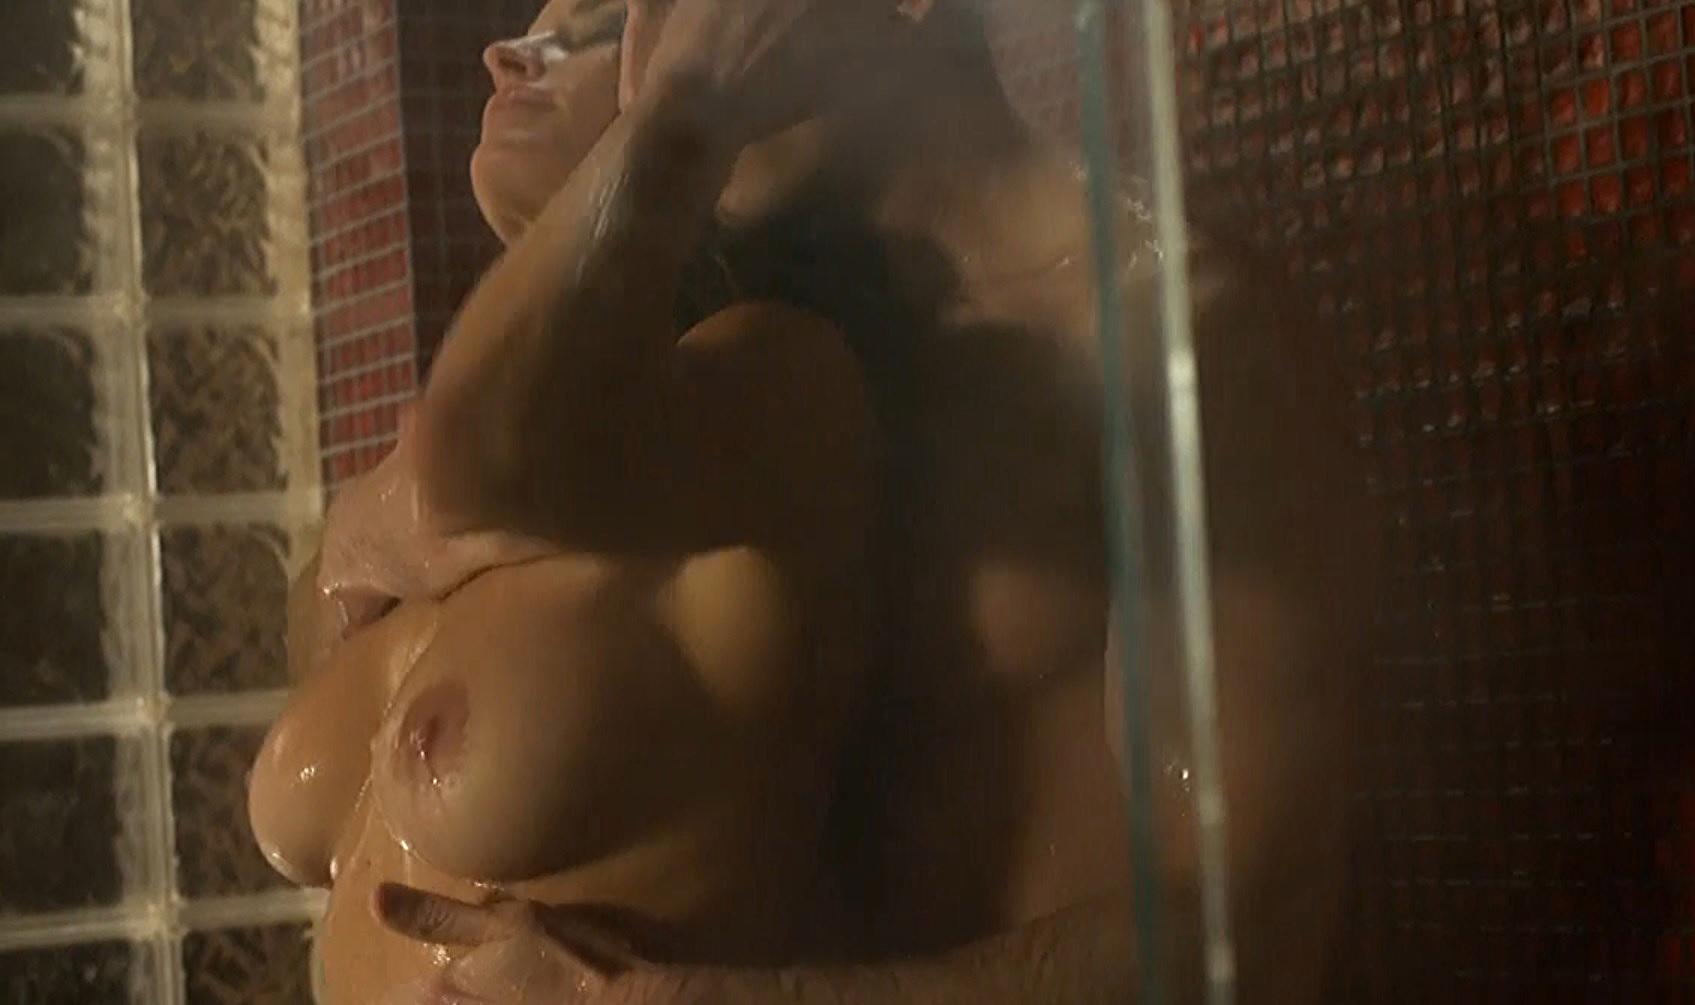 Ana Alexander Chemistry Sex Scene ana alexander sex into a shower in chemistry series - free video